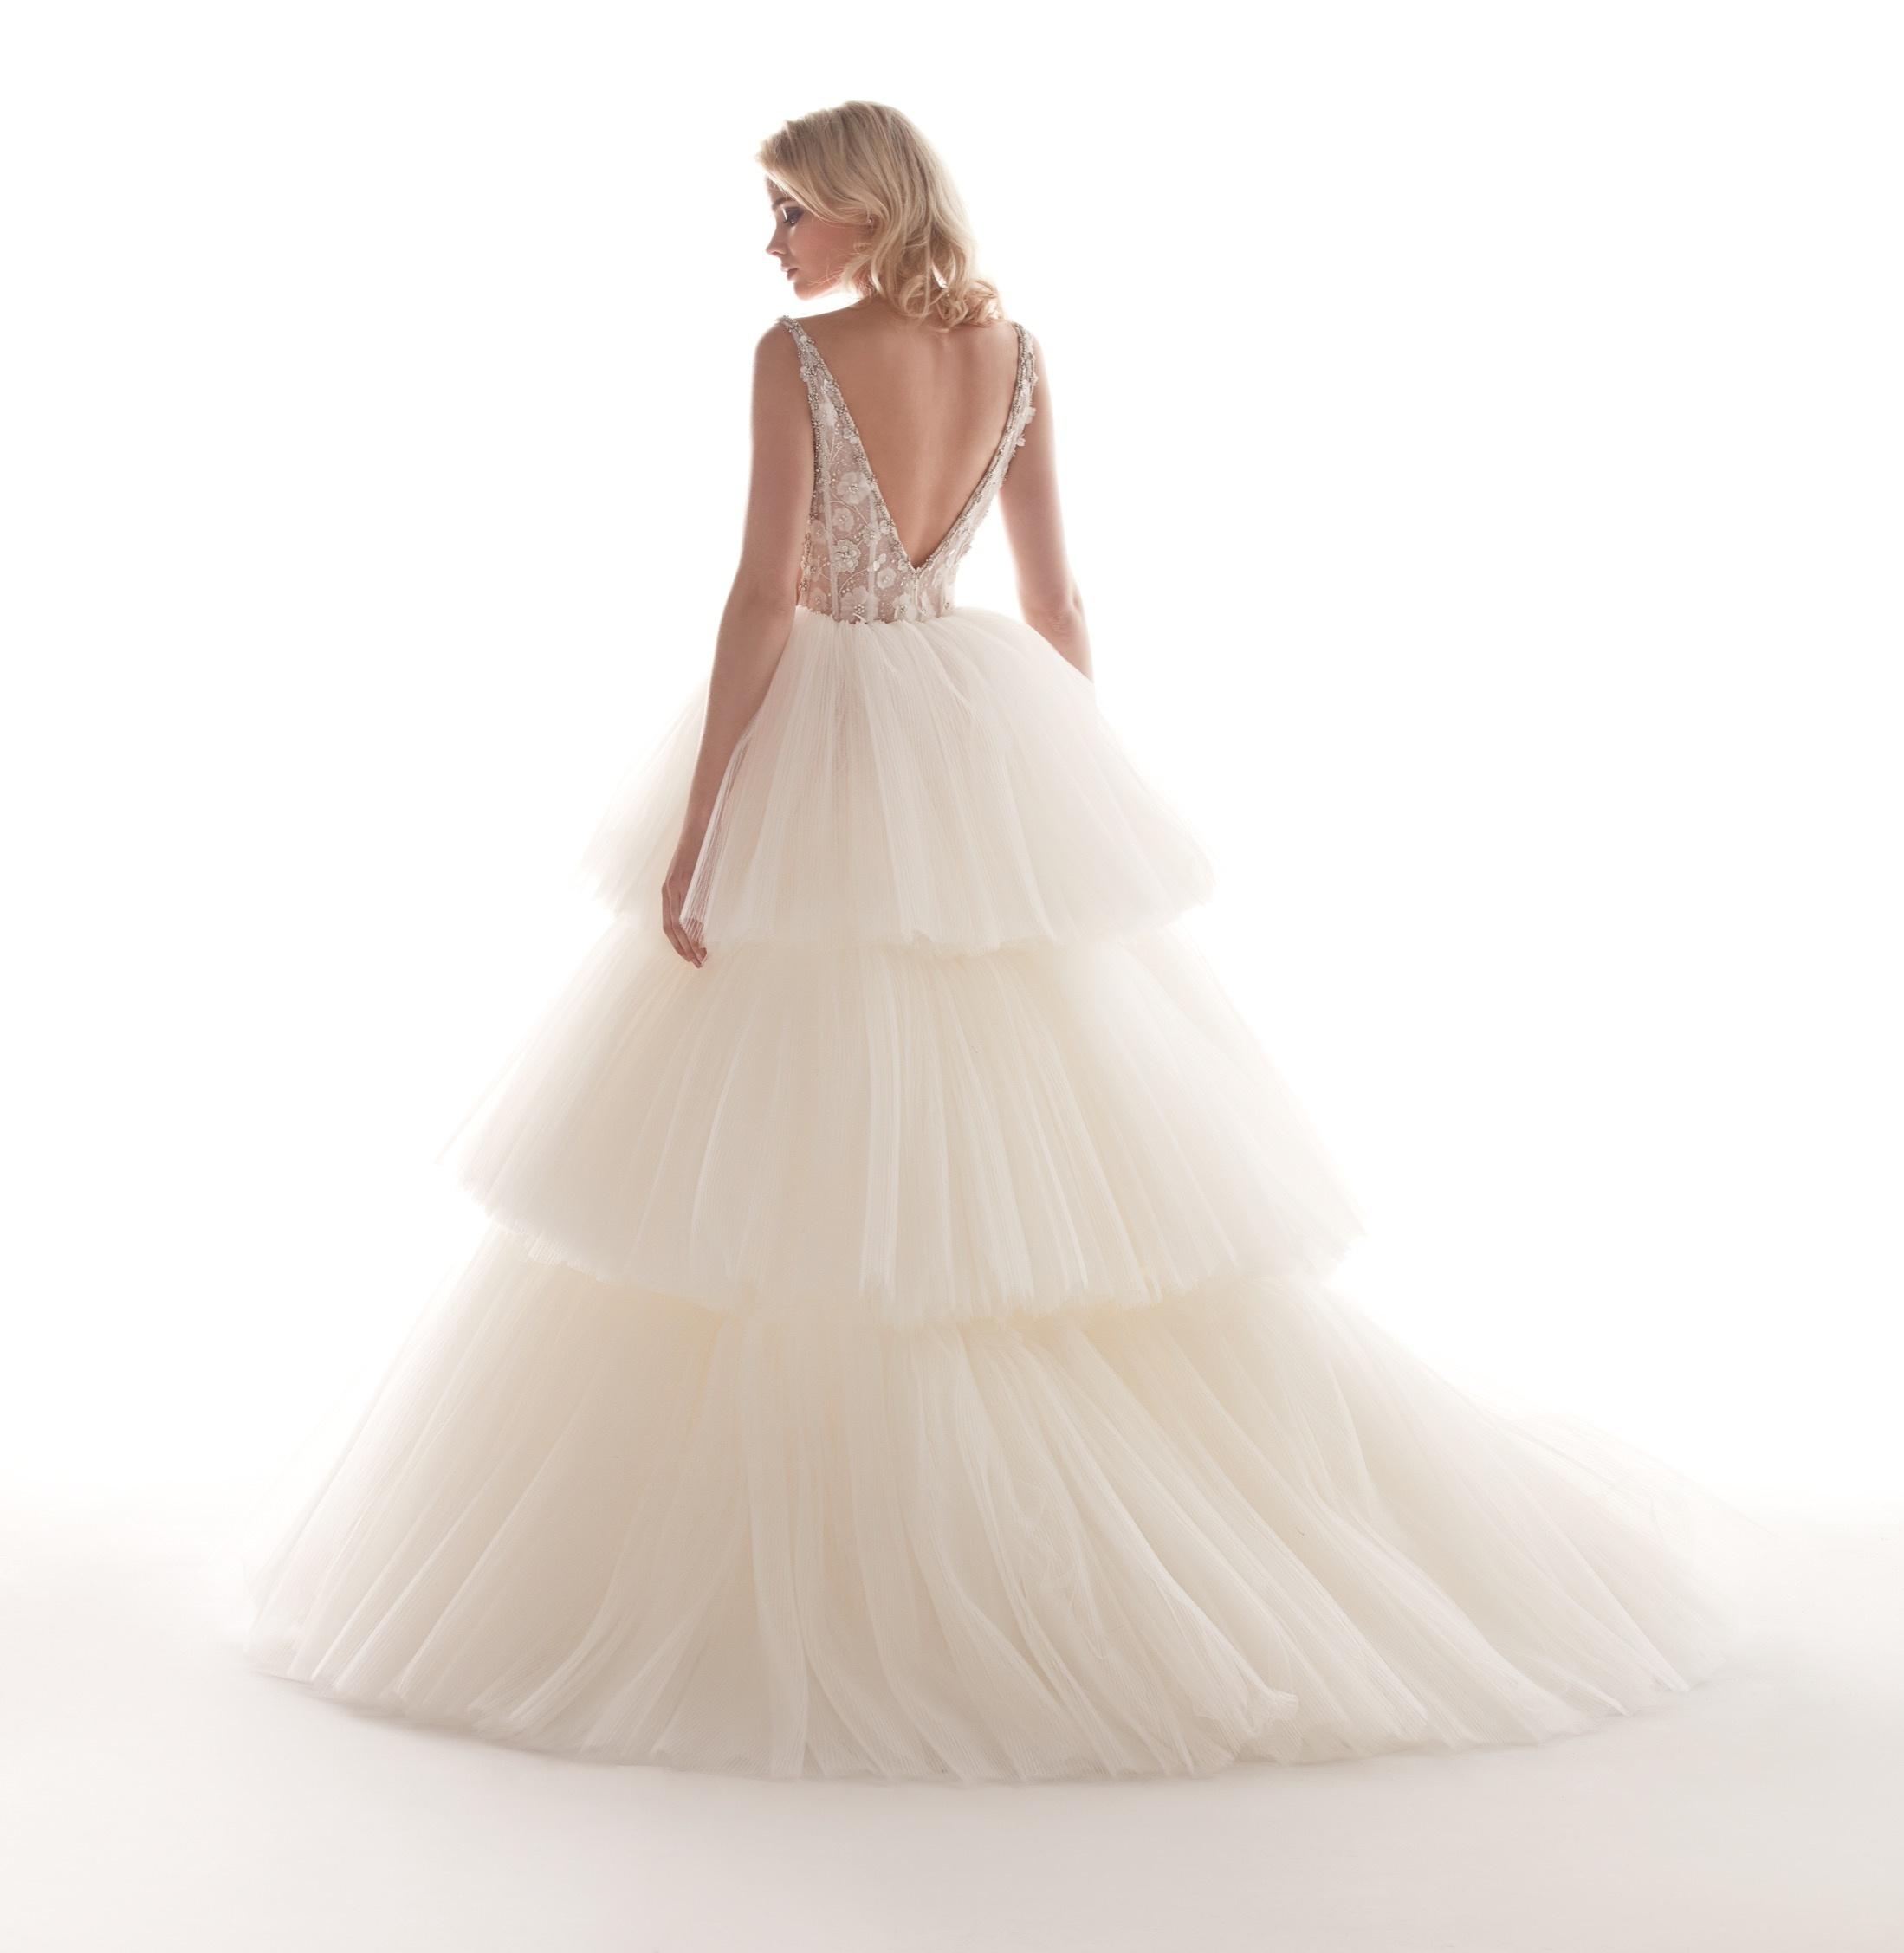 Alessandra-Rinaudo-sposa-2020-6